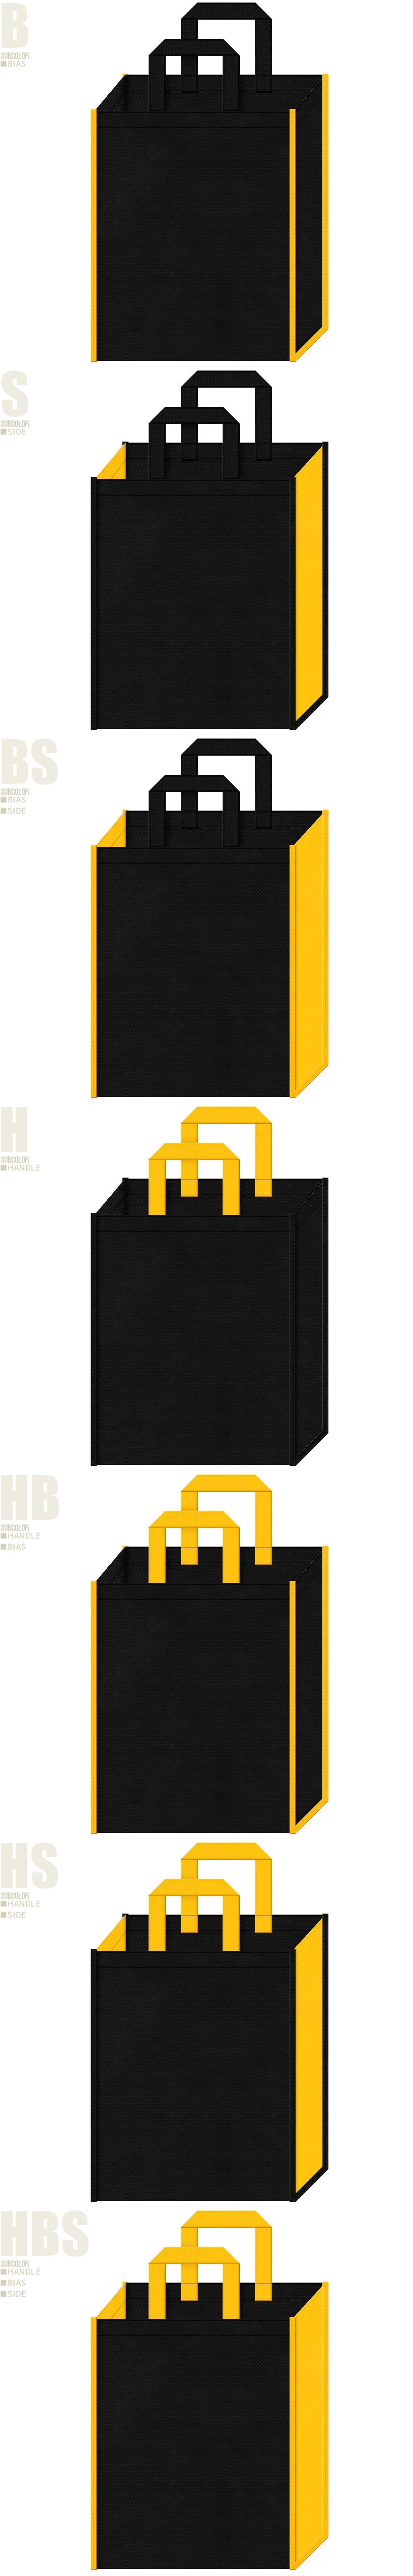 交通安全イベント・保安・セキュリティ・道路工事・安全用品・電気・通信・ユニフォーム・運動靴・アウトドア・スポーツイベント・スポーティーファッション・スポーツ用品・エンジンオイル・フォグランプ・カー用品の展示会用バッグにお奨めの不織布バッグデザイン:黒色と黄色の配色7パターン